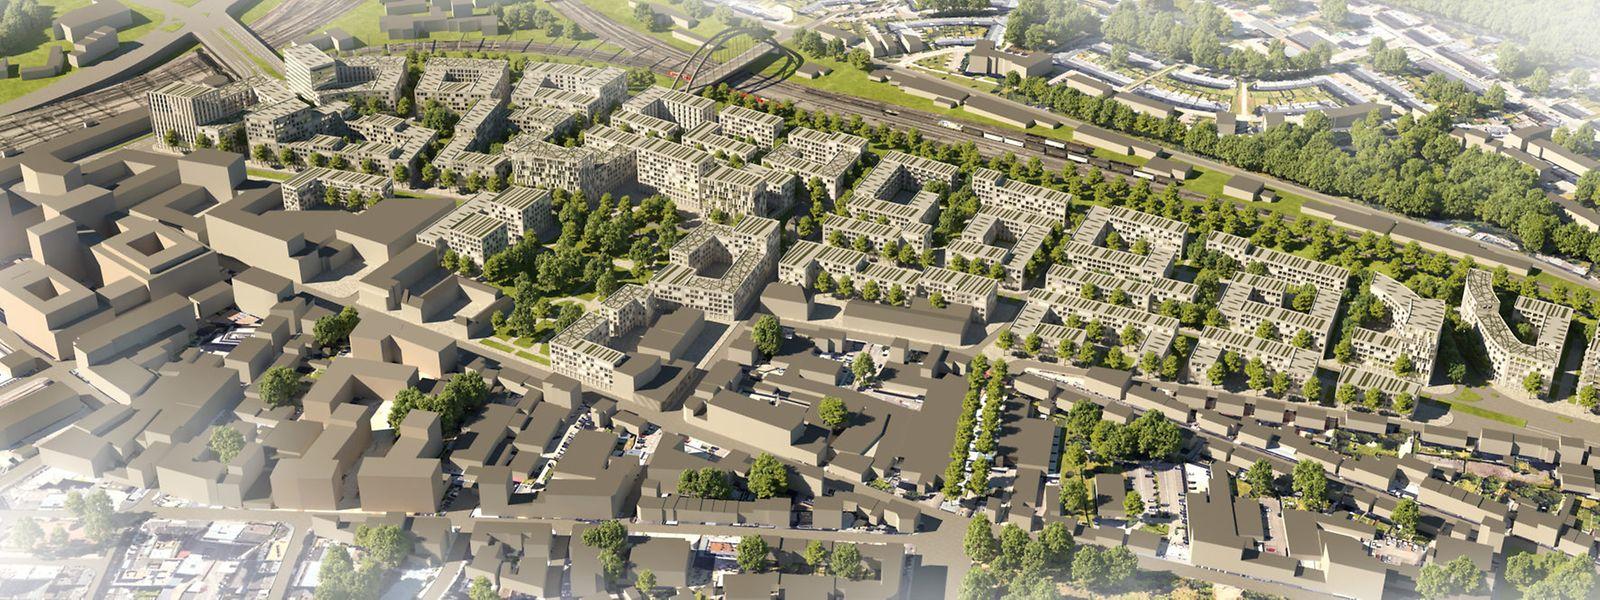 Le vaste projet sur le site de 18 hectares des sociétés Paul Wurth et Heintz van Landewyck créera des logements pour 4.000 personnes du côté de Hollerich. C'est l'un des grands projets sur lesquels mise la Ville pour tenter d'atténuer la pression liée au logement.